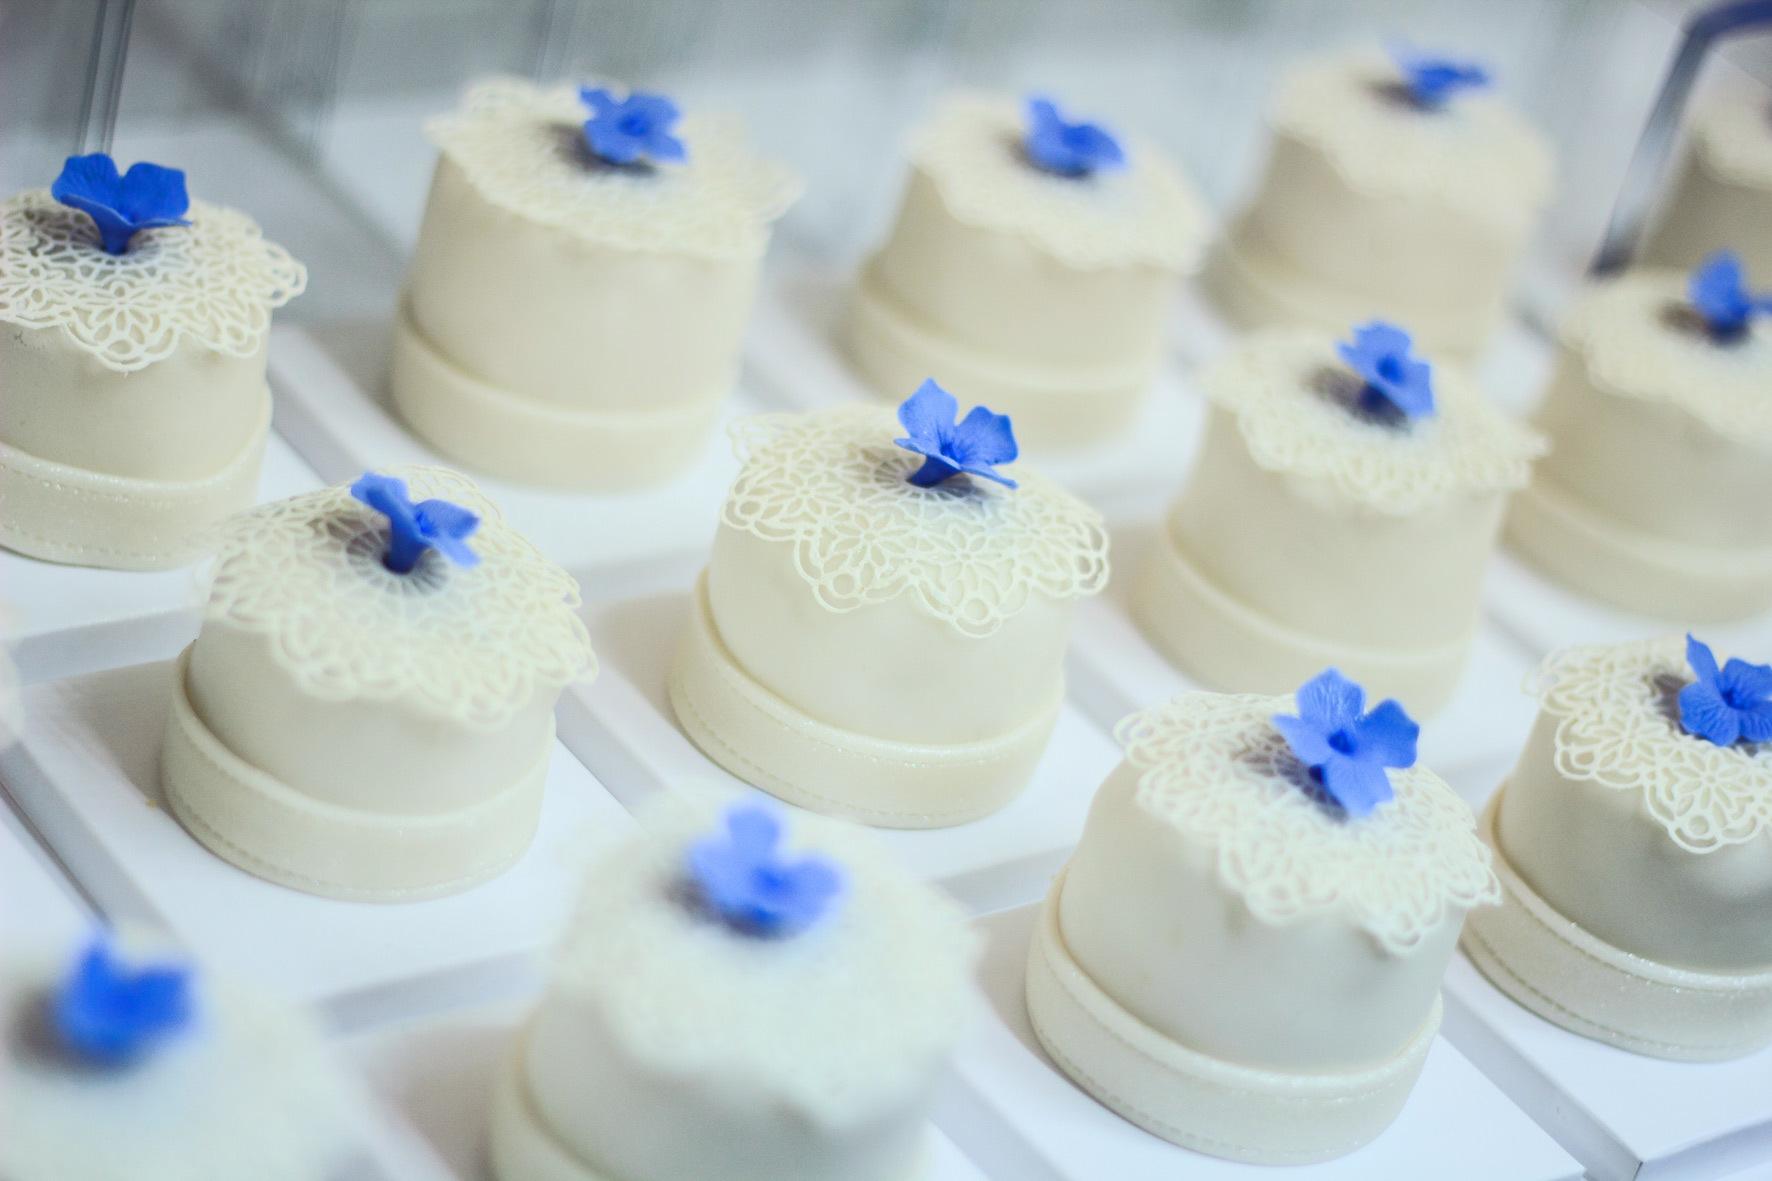 Tiny ivory fondant wedding cakes with blue flowers